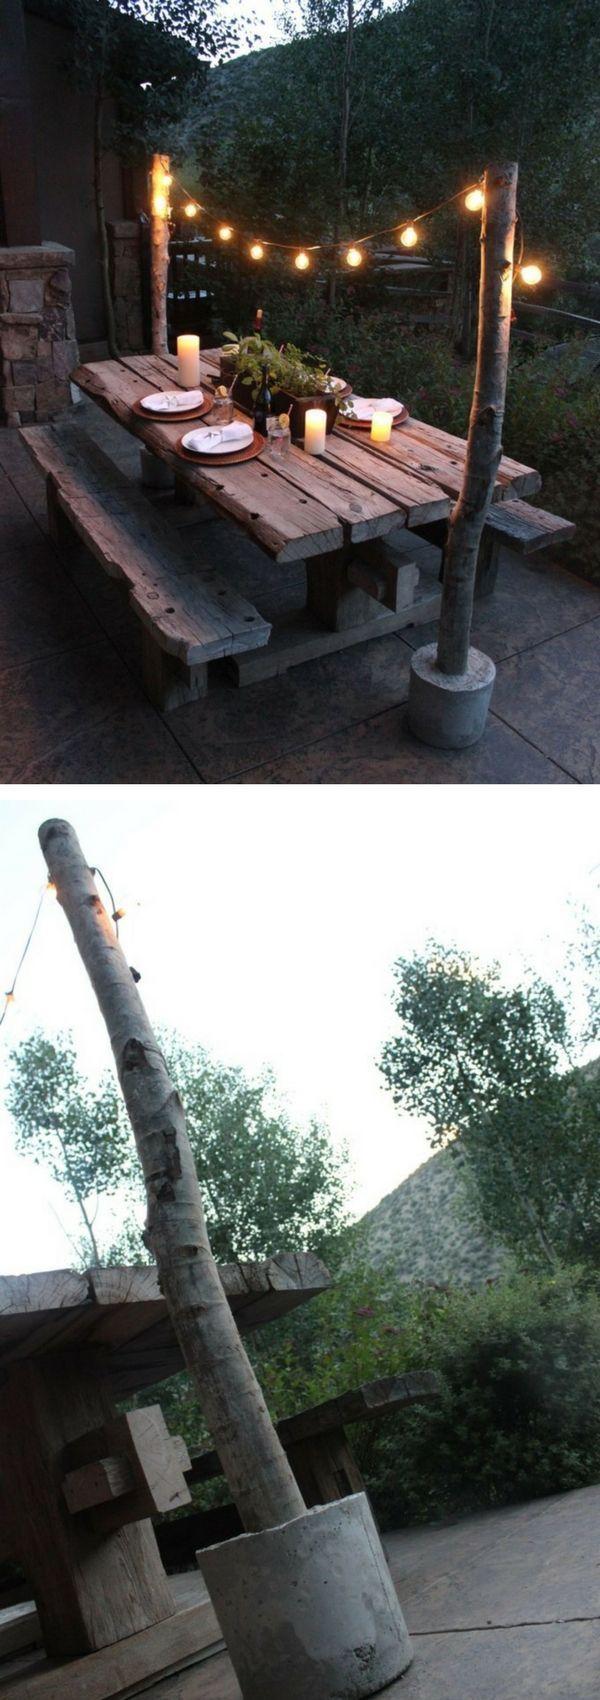 Schauen Sie sich das Tutorial an, wie man leichte DIY Outdoor-String-Lichtmasten